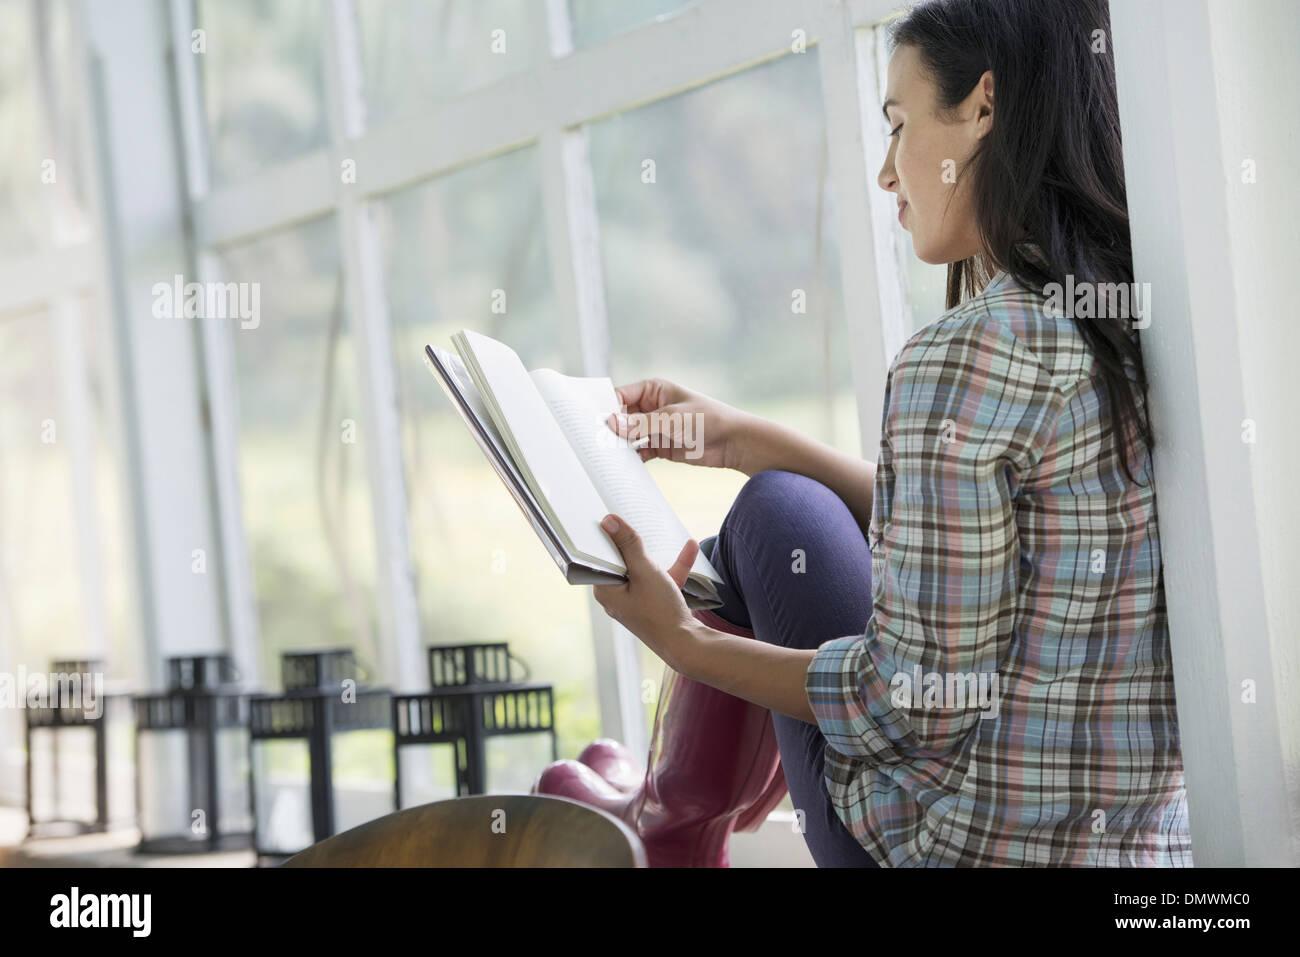 Une jeune femme en train de lire un livre. Photo Stock